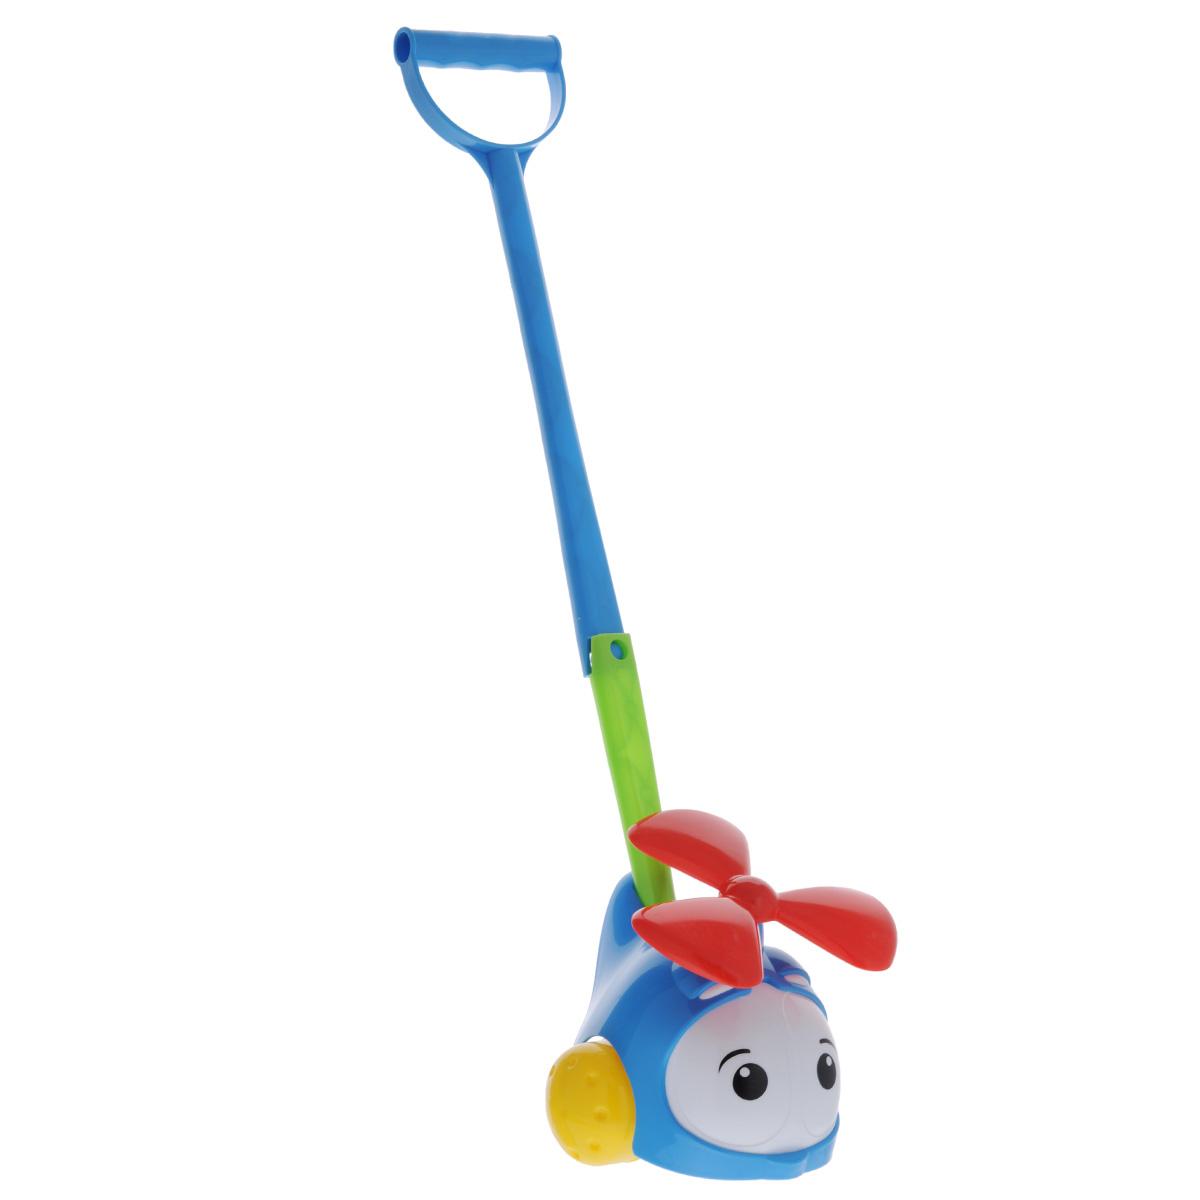 Игрушка-каталка Вертолетик, цвет: синий1376Яркая игрушка-каталка Вертолетик будет побуждать вашего ребенка к прогулкам и двигательной активности. Она подойдет для игры как дома, так и на свежем воздухе. Игрушка выполнена из полипропилена в виде милого вертолетика. Ребенок сможет катать игрушку, толкая ее перед собой, что позволит развить навык ползанья. Удобная съемная ручка-толкатель даст ребенку возможность не расставаться с любимой игрушкой, когда он научится ходить. Во время движения у вертолетика крутится винт. Игрушка-каталка Вертолетик развивает у ребенка пространственное мышление, цветовое восприятие, ловкость и координацию движений, тактильные ощущения, память, внимание и слух.